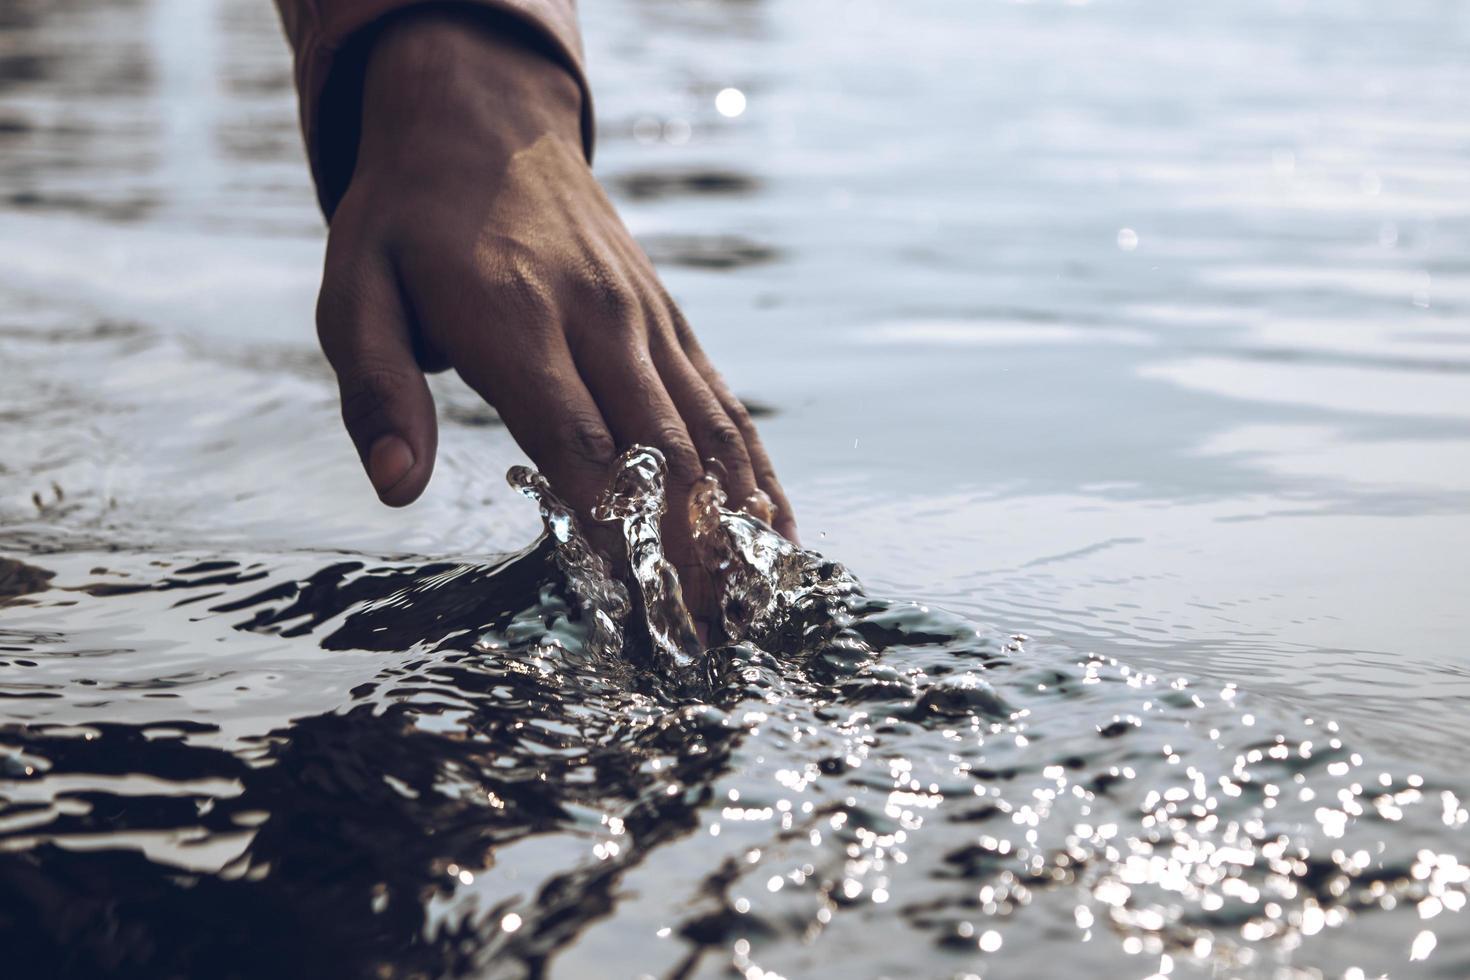 Nahaufnahme einer Hand, die durch Wasser läuft foto